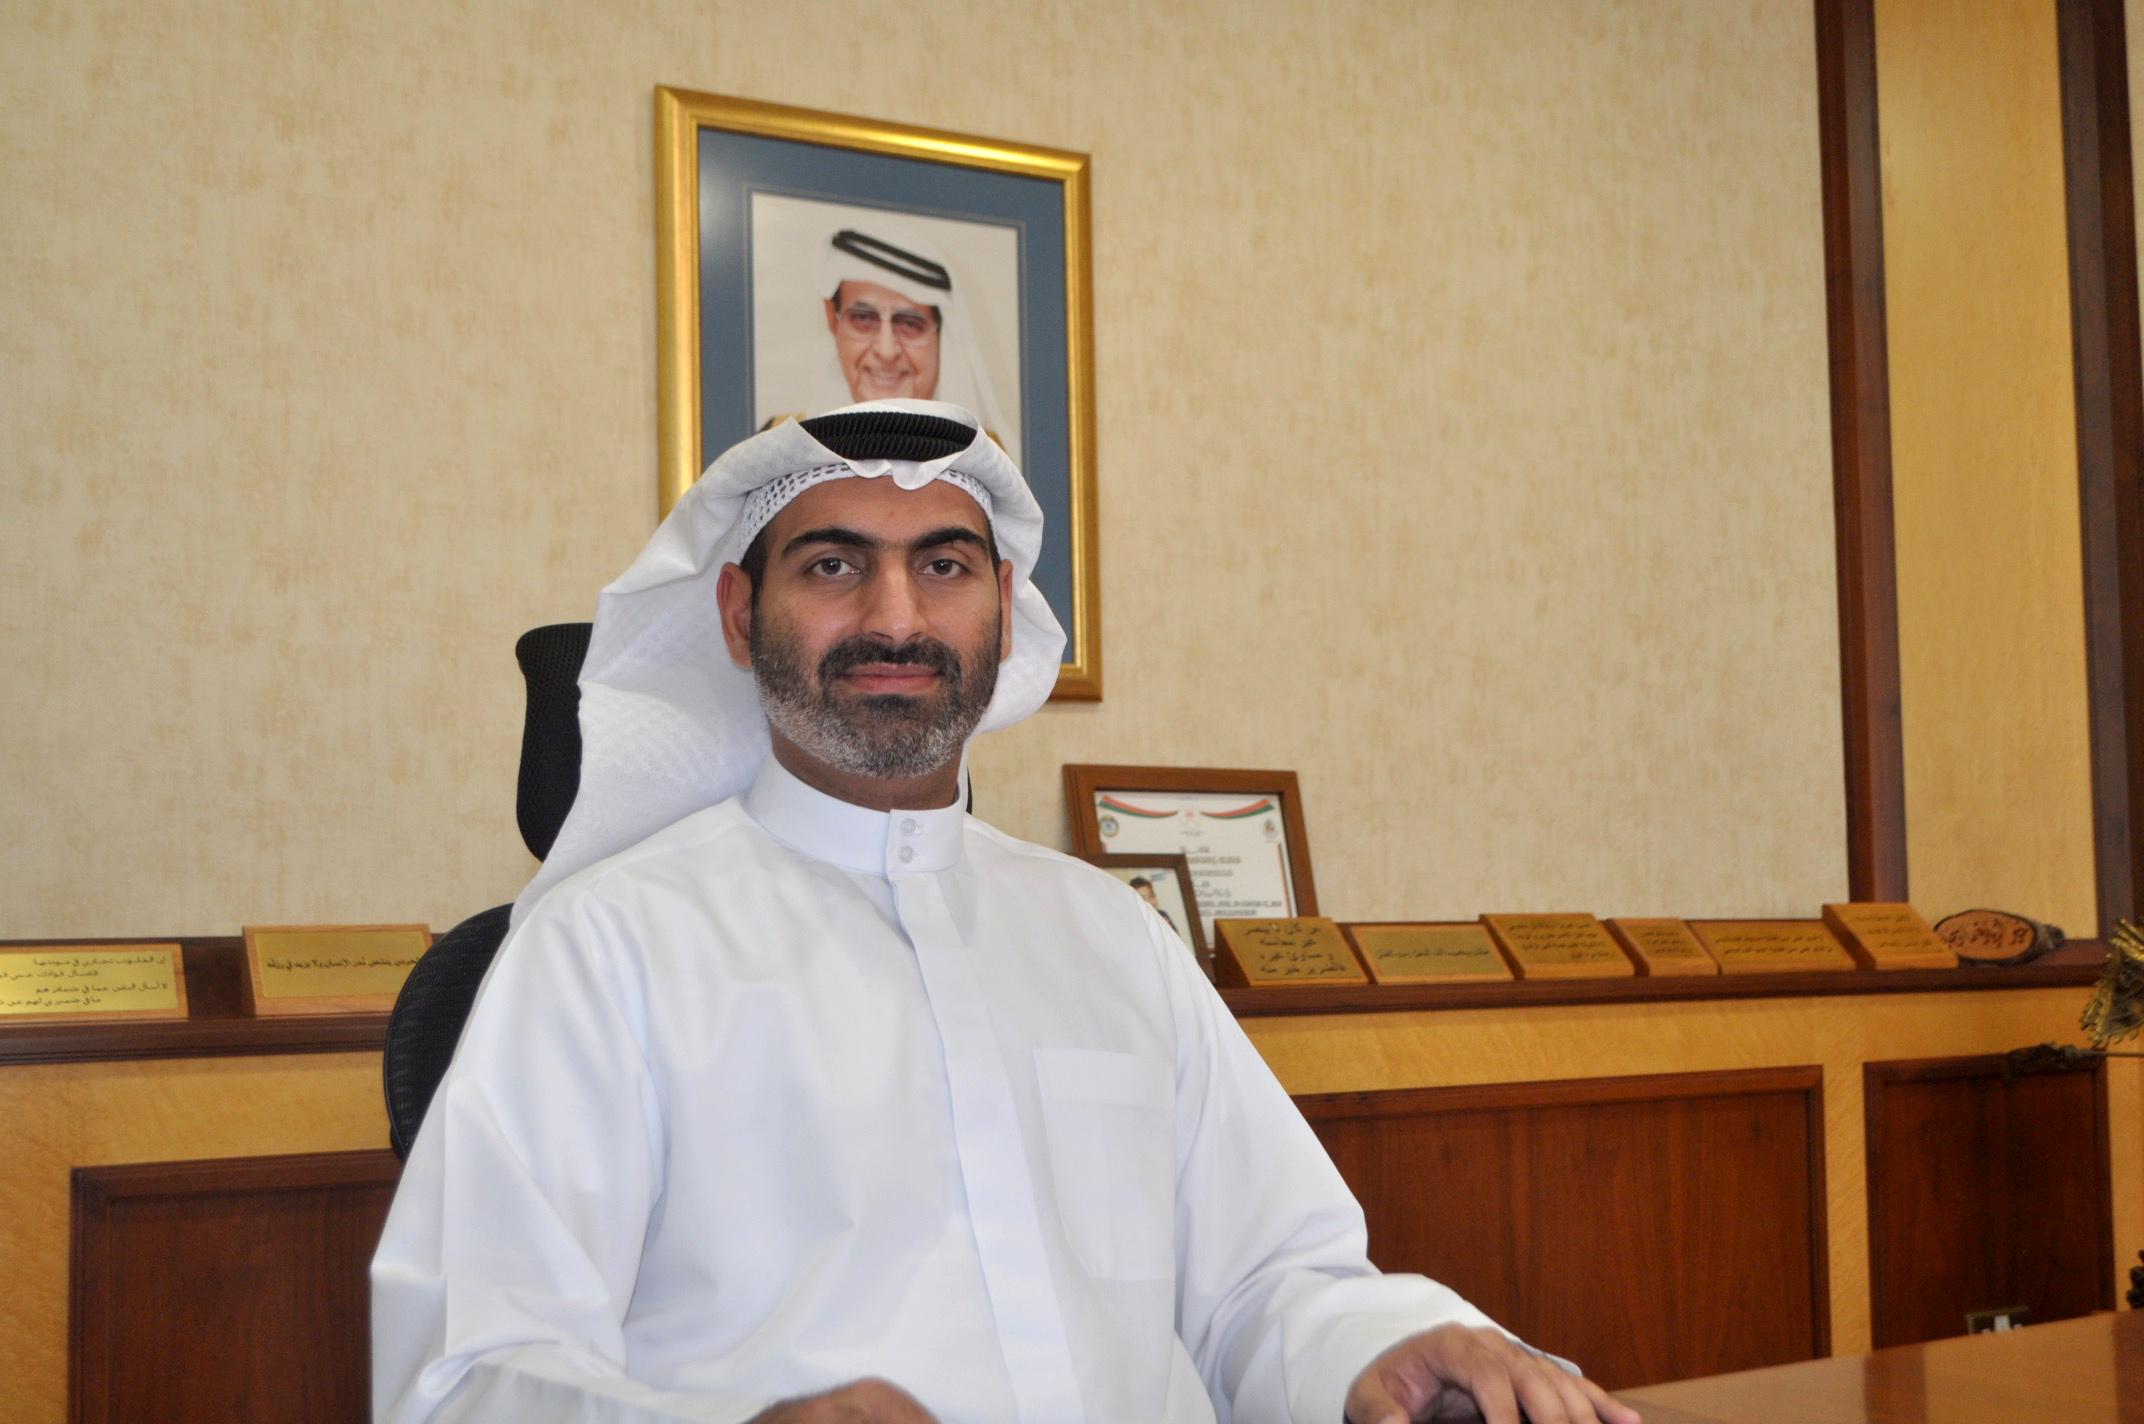 #9 Abdulrahman Khansaheb, Managing Director,Khansaheb